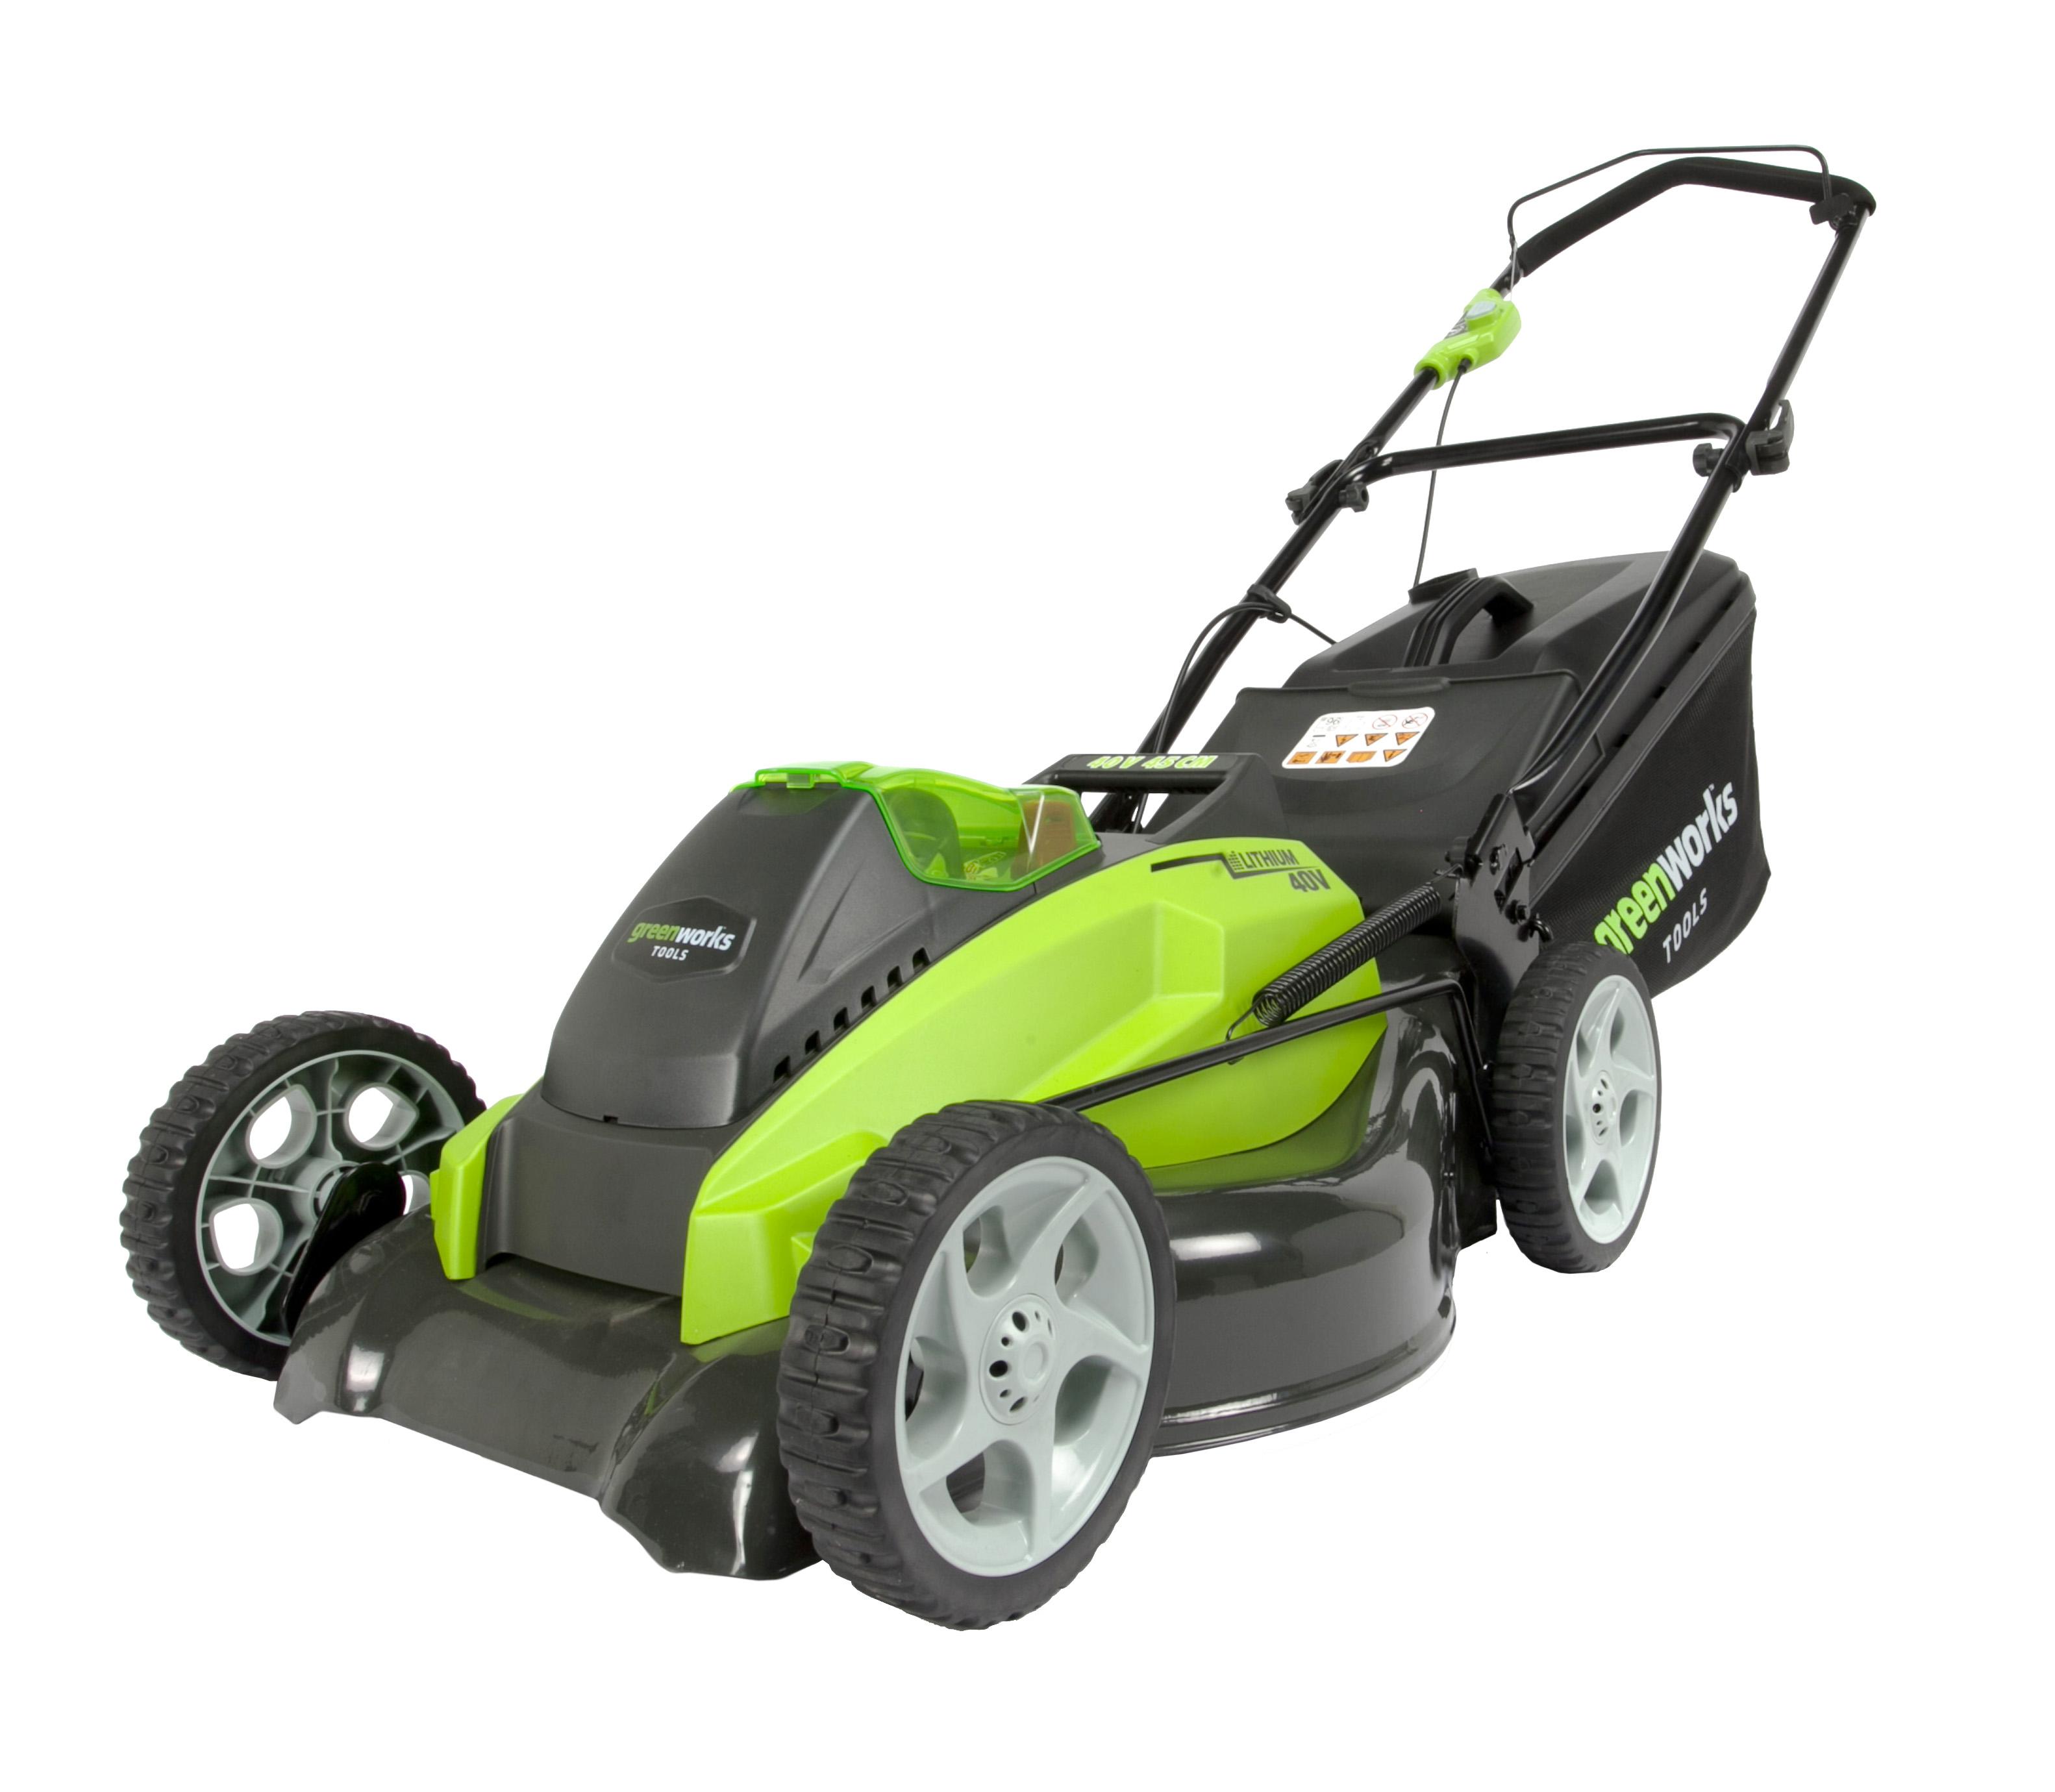 Greenworks GWLM 4045i